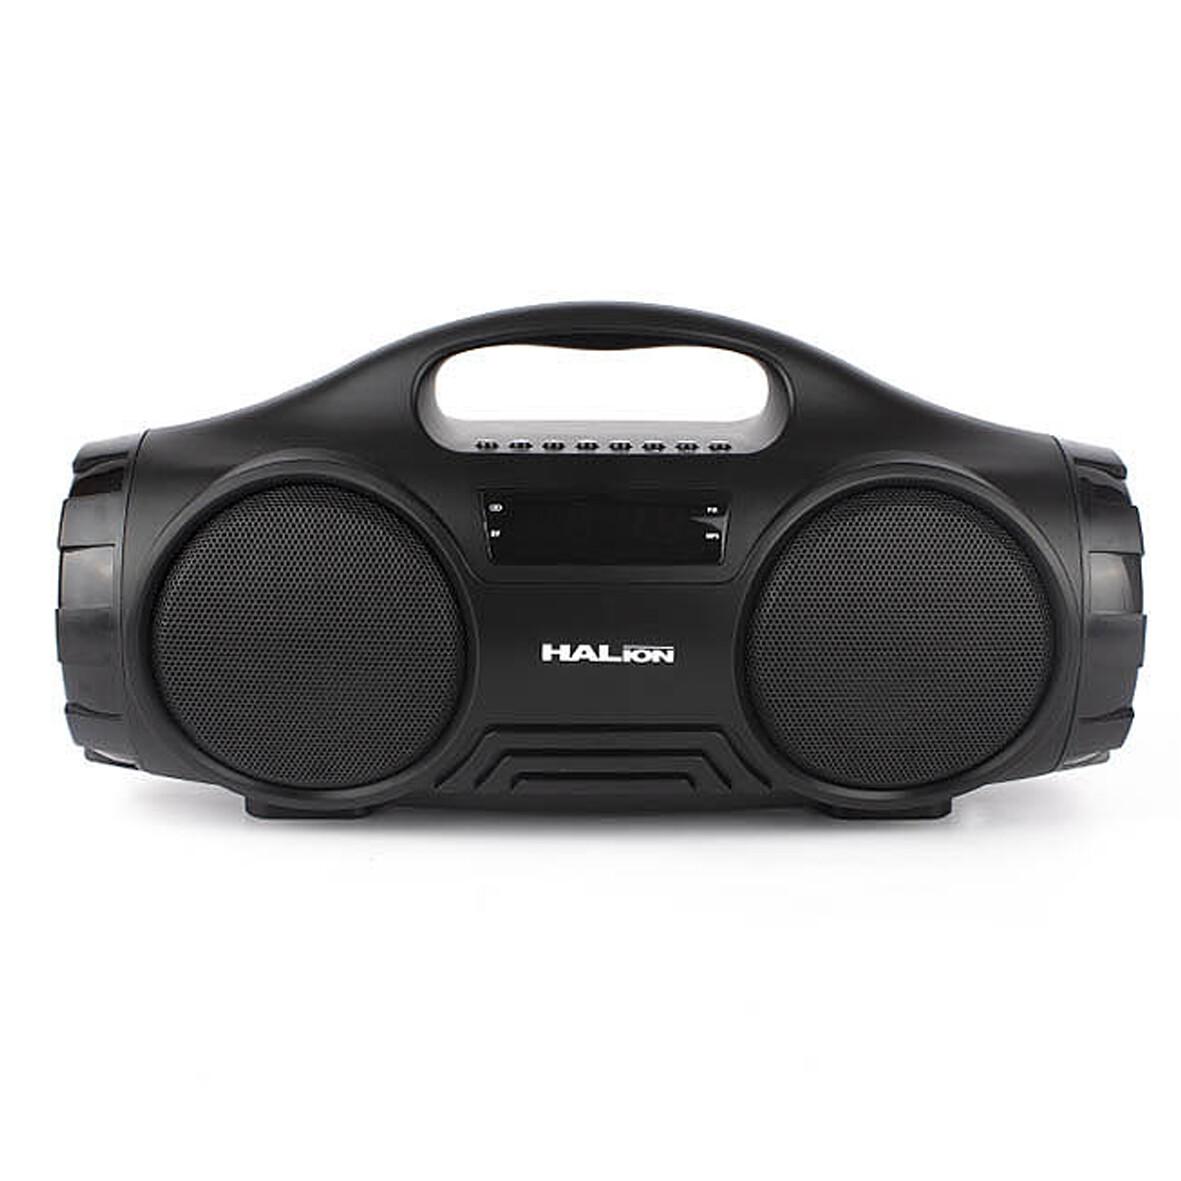 RADIO PARLANTE PORTATIL BLUETOOTH | FM | USB | TF CARD | HALION HA-R42 80W